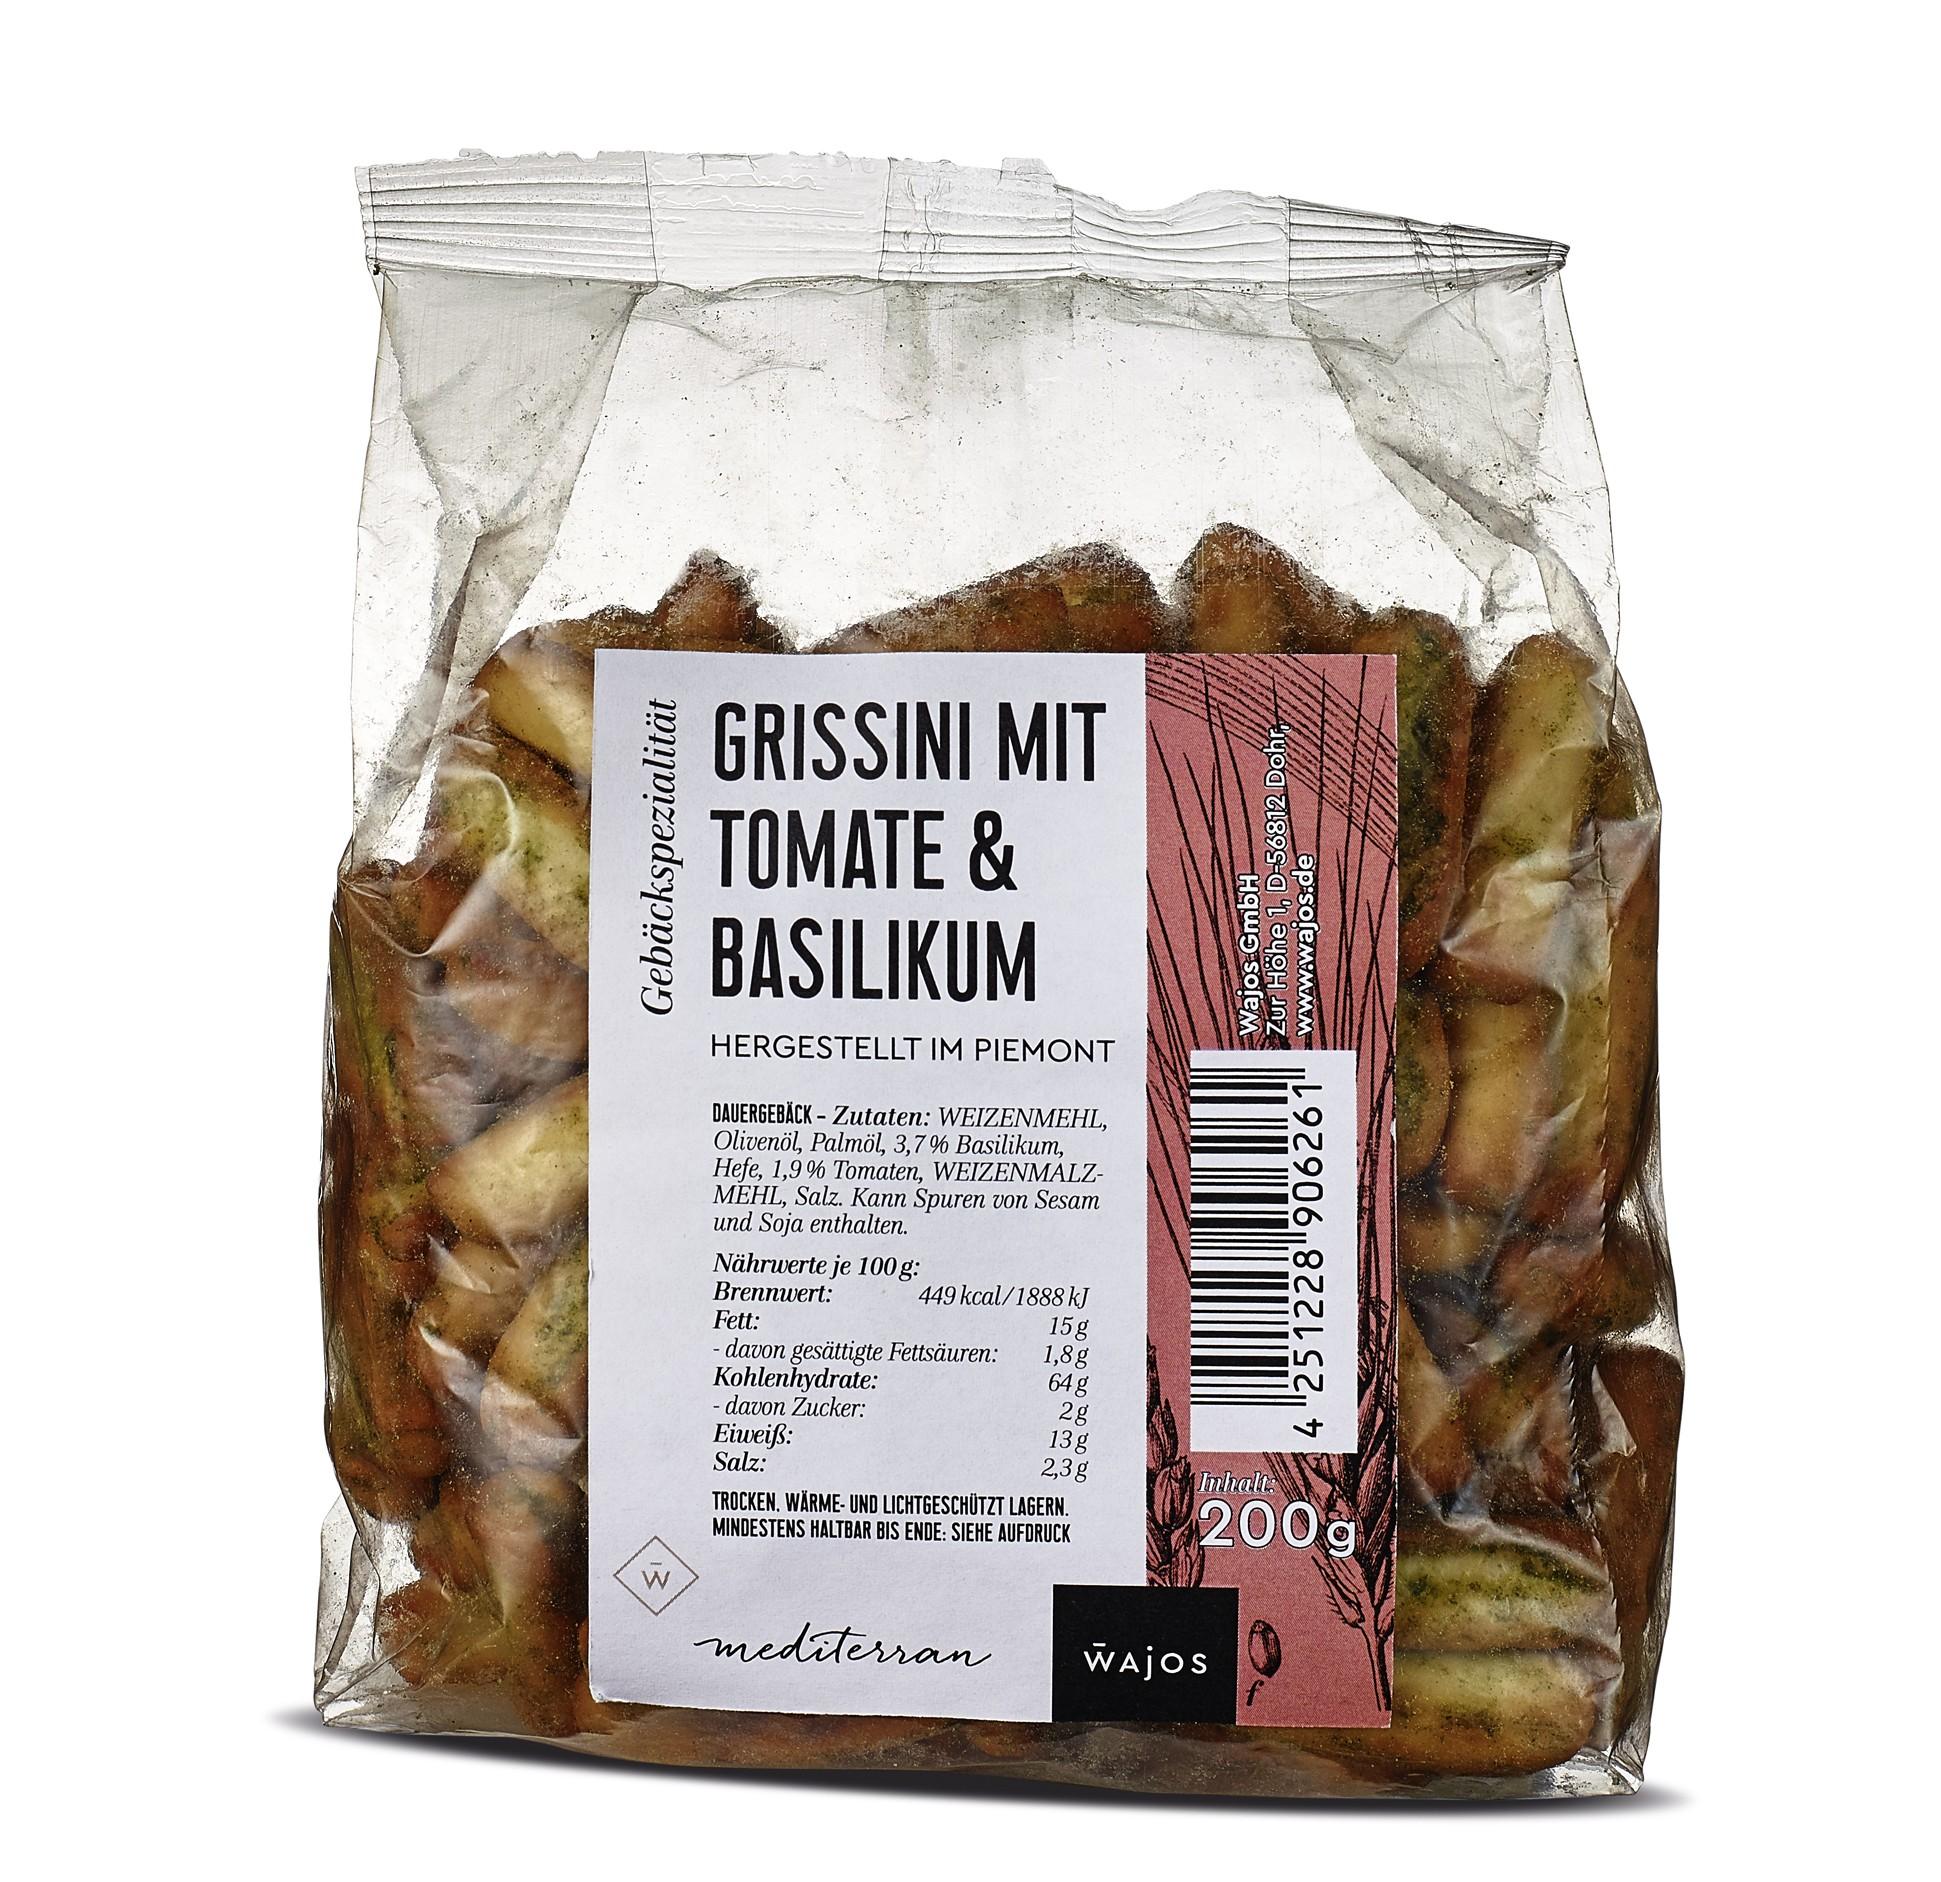 Grissini mit Tomate-Basilikum 200g